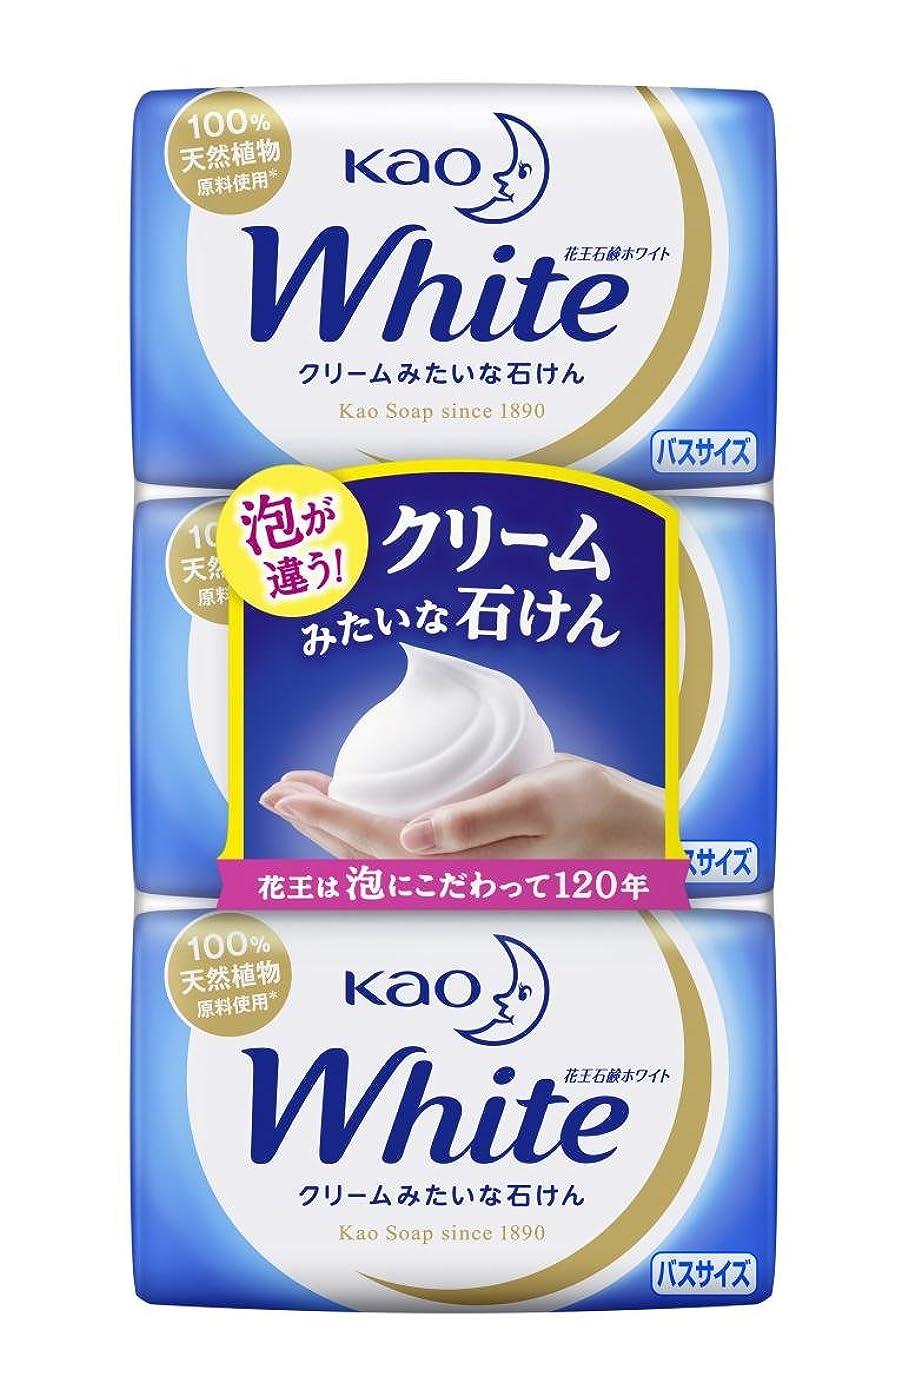 マラドロイトサスペンション三角形花王ホワイト バスサイズ 3コパック